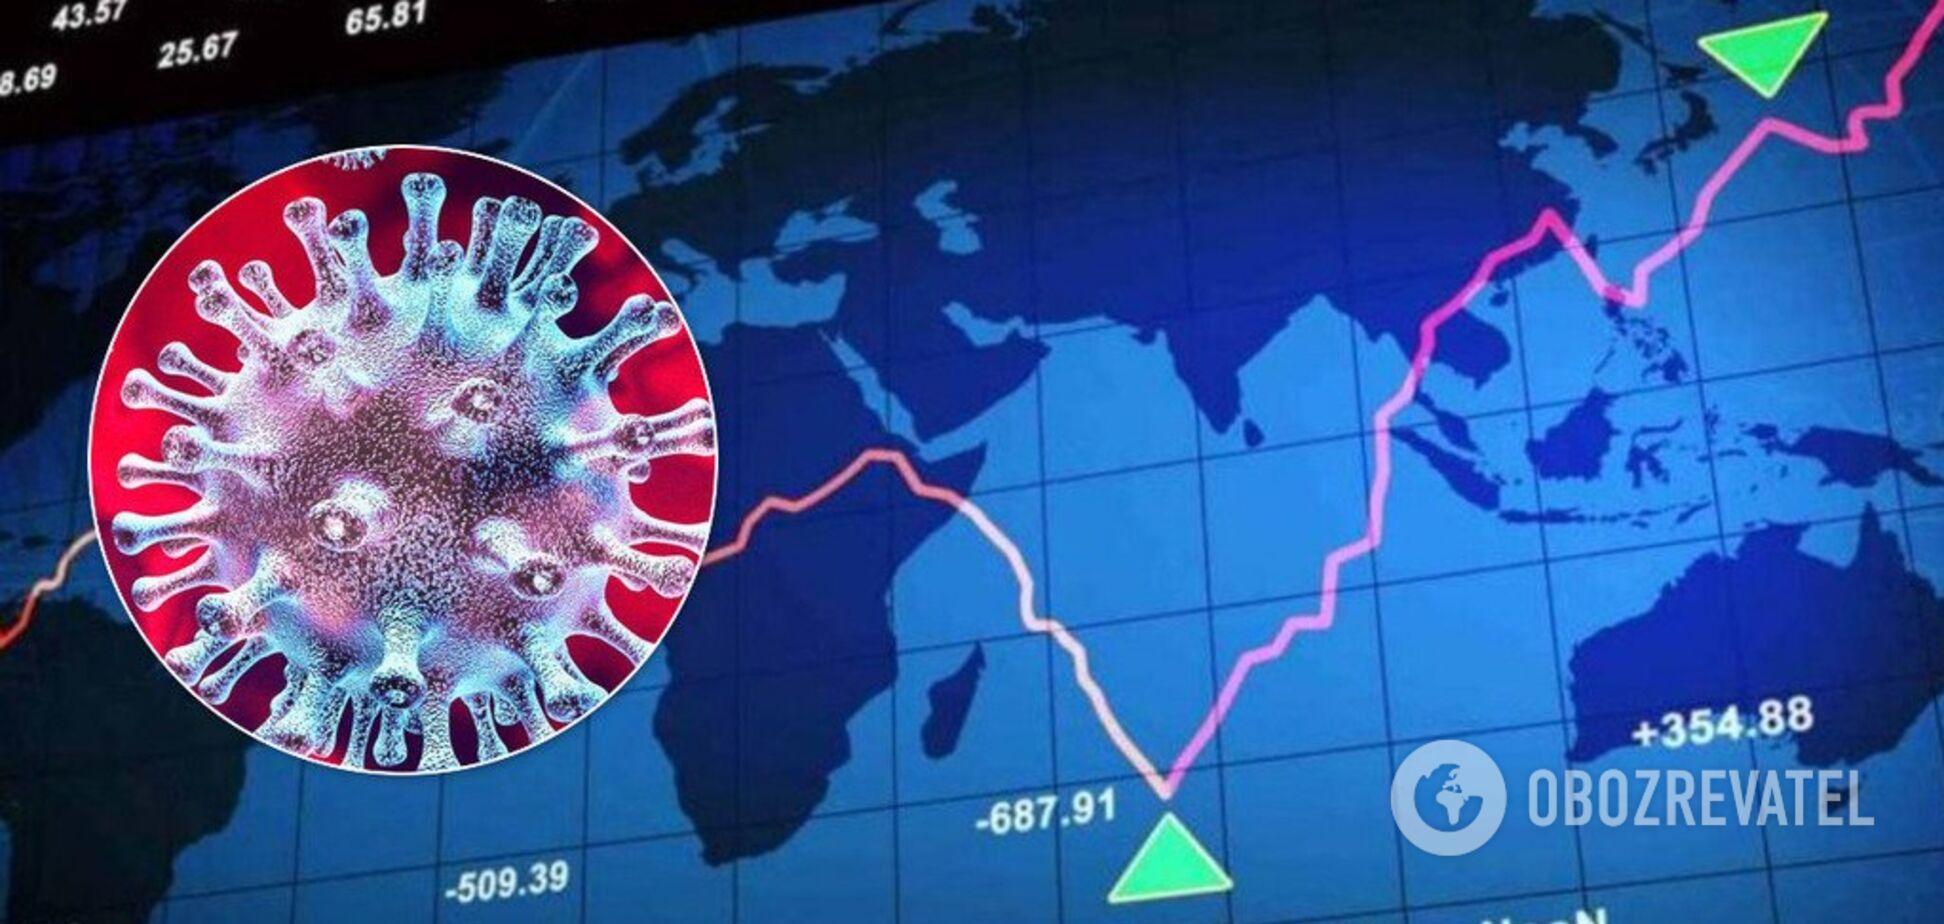 Не через коронавірус: радник Зеленського назвав причину економічної кризи